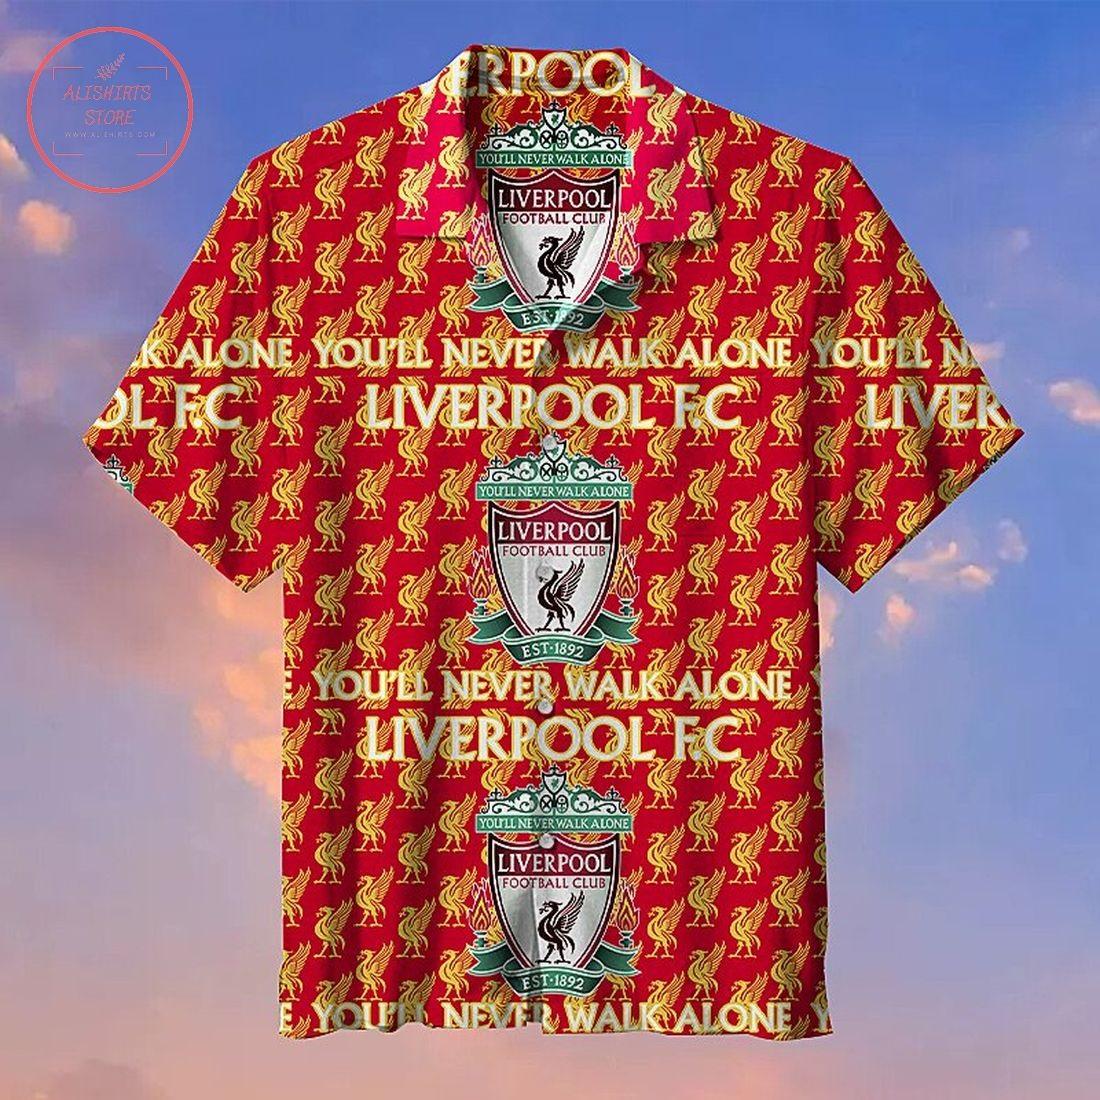 Liverpool F.C. Fans Commemorative Hawaiian Shirt